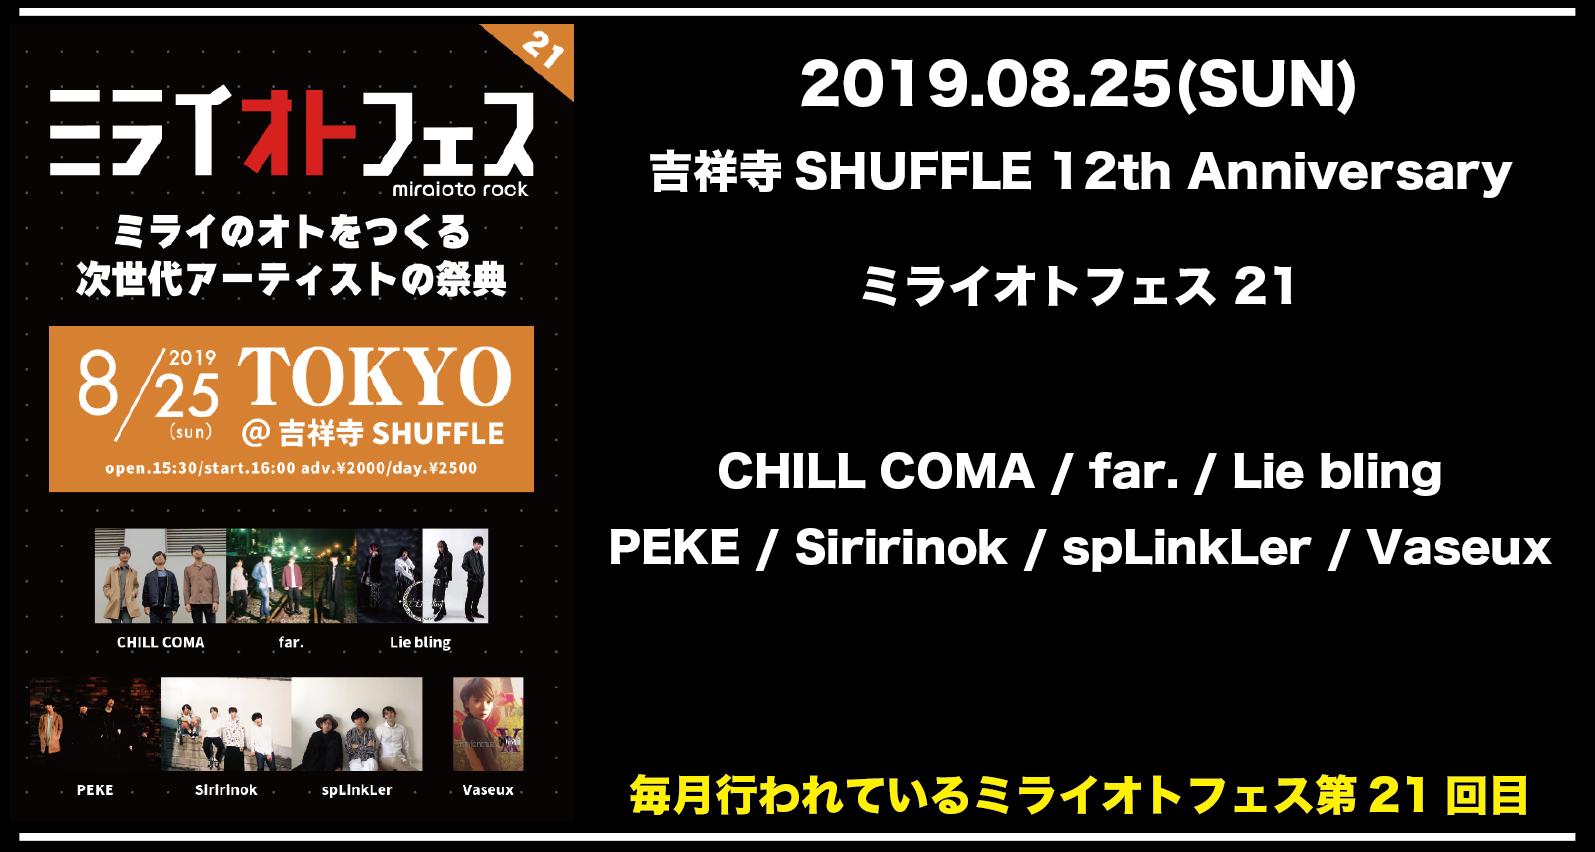 吉祥寺SHUFFLE 12th Anniversary ミライオトフェス 21